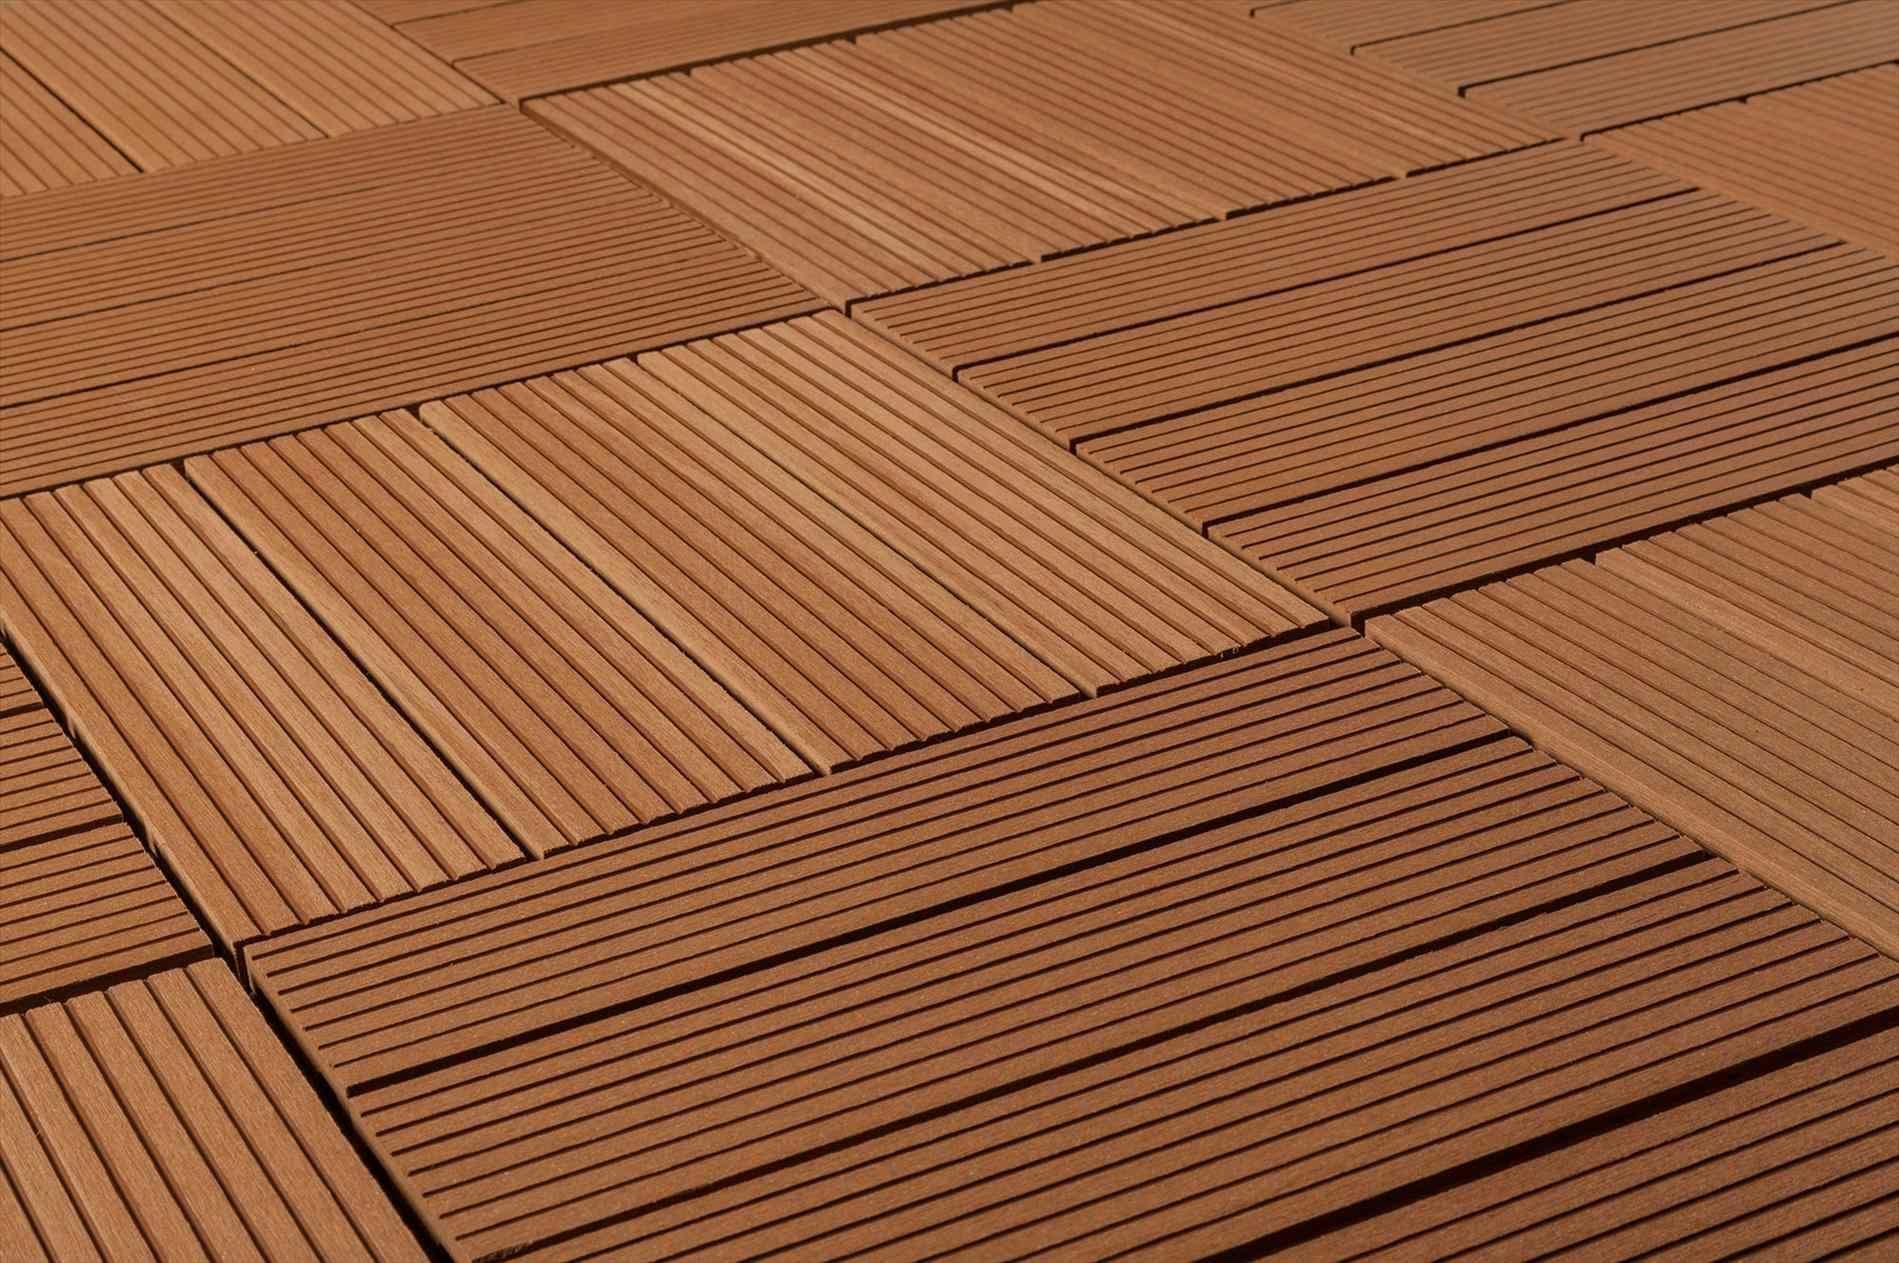 Balcony Teak Plastic Decking Tiles Wood Composite Deck On Toronto Runnen Floor Outdoor Gray Walkways And Balconies